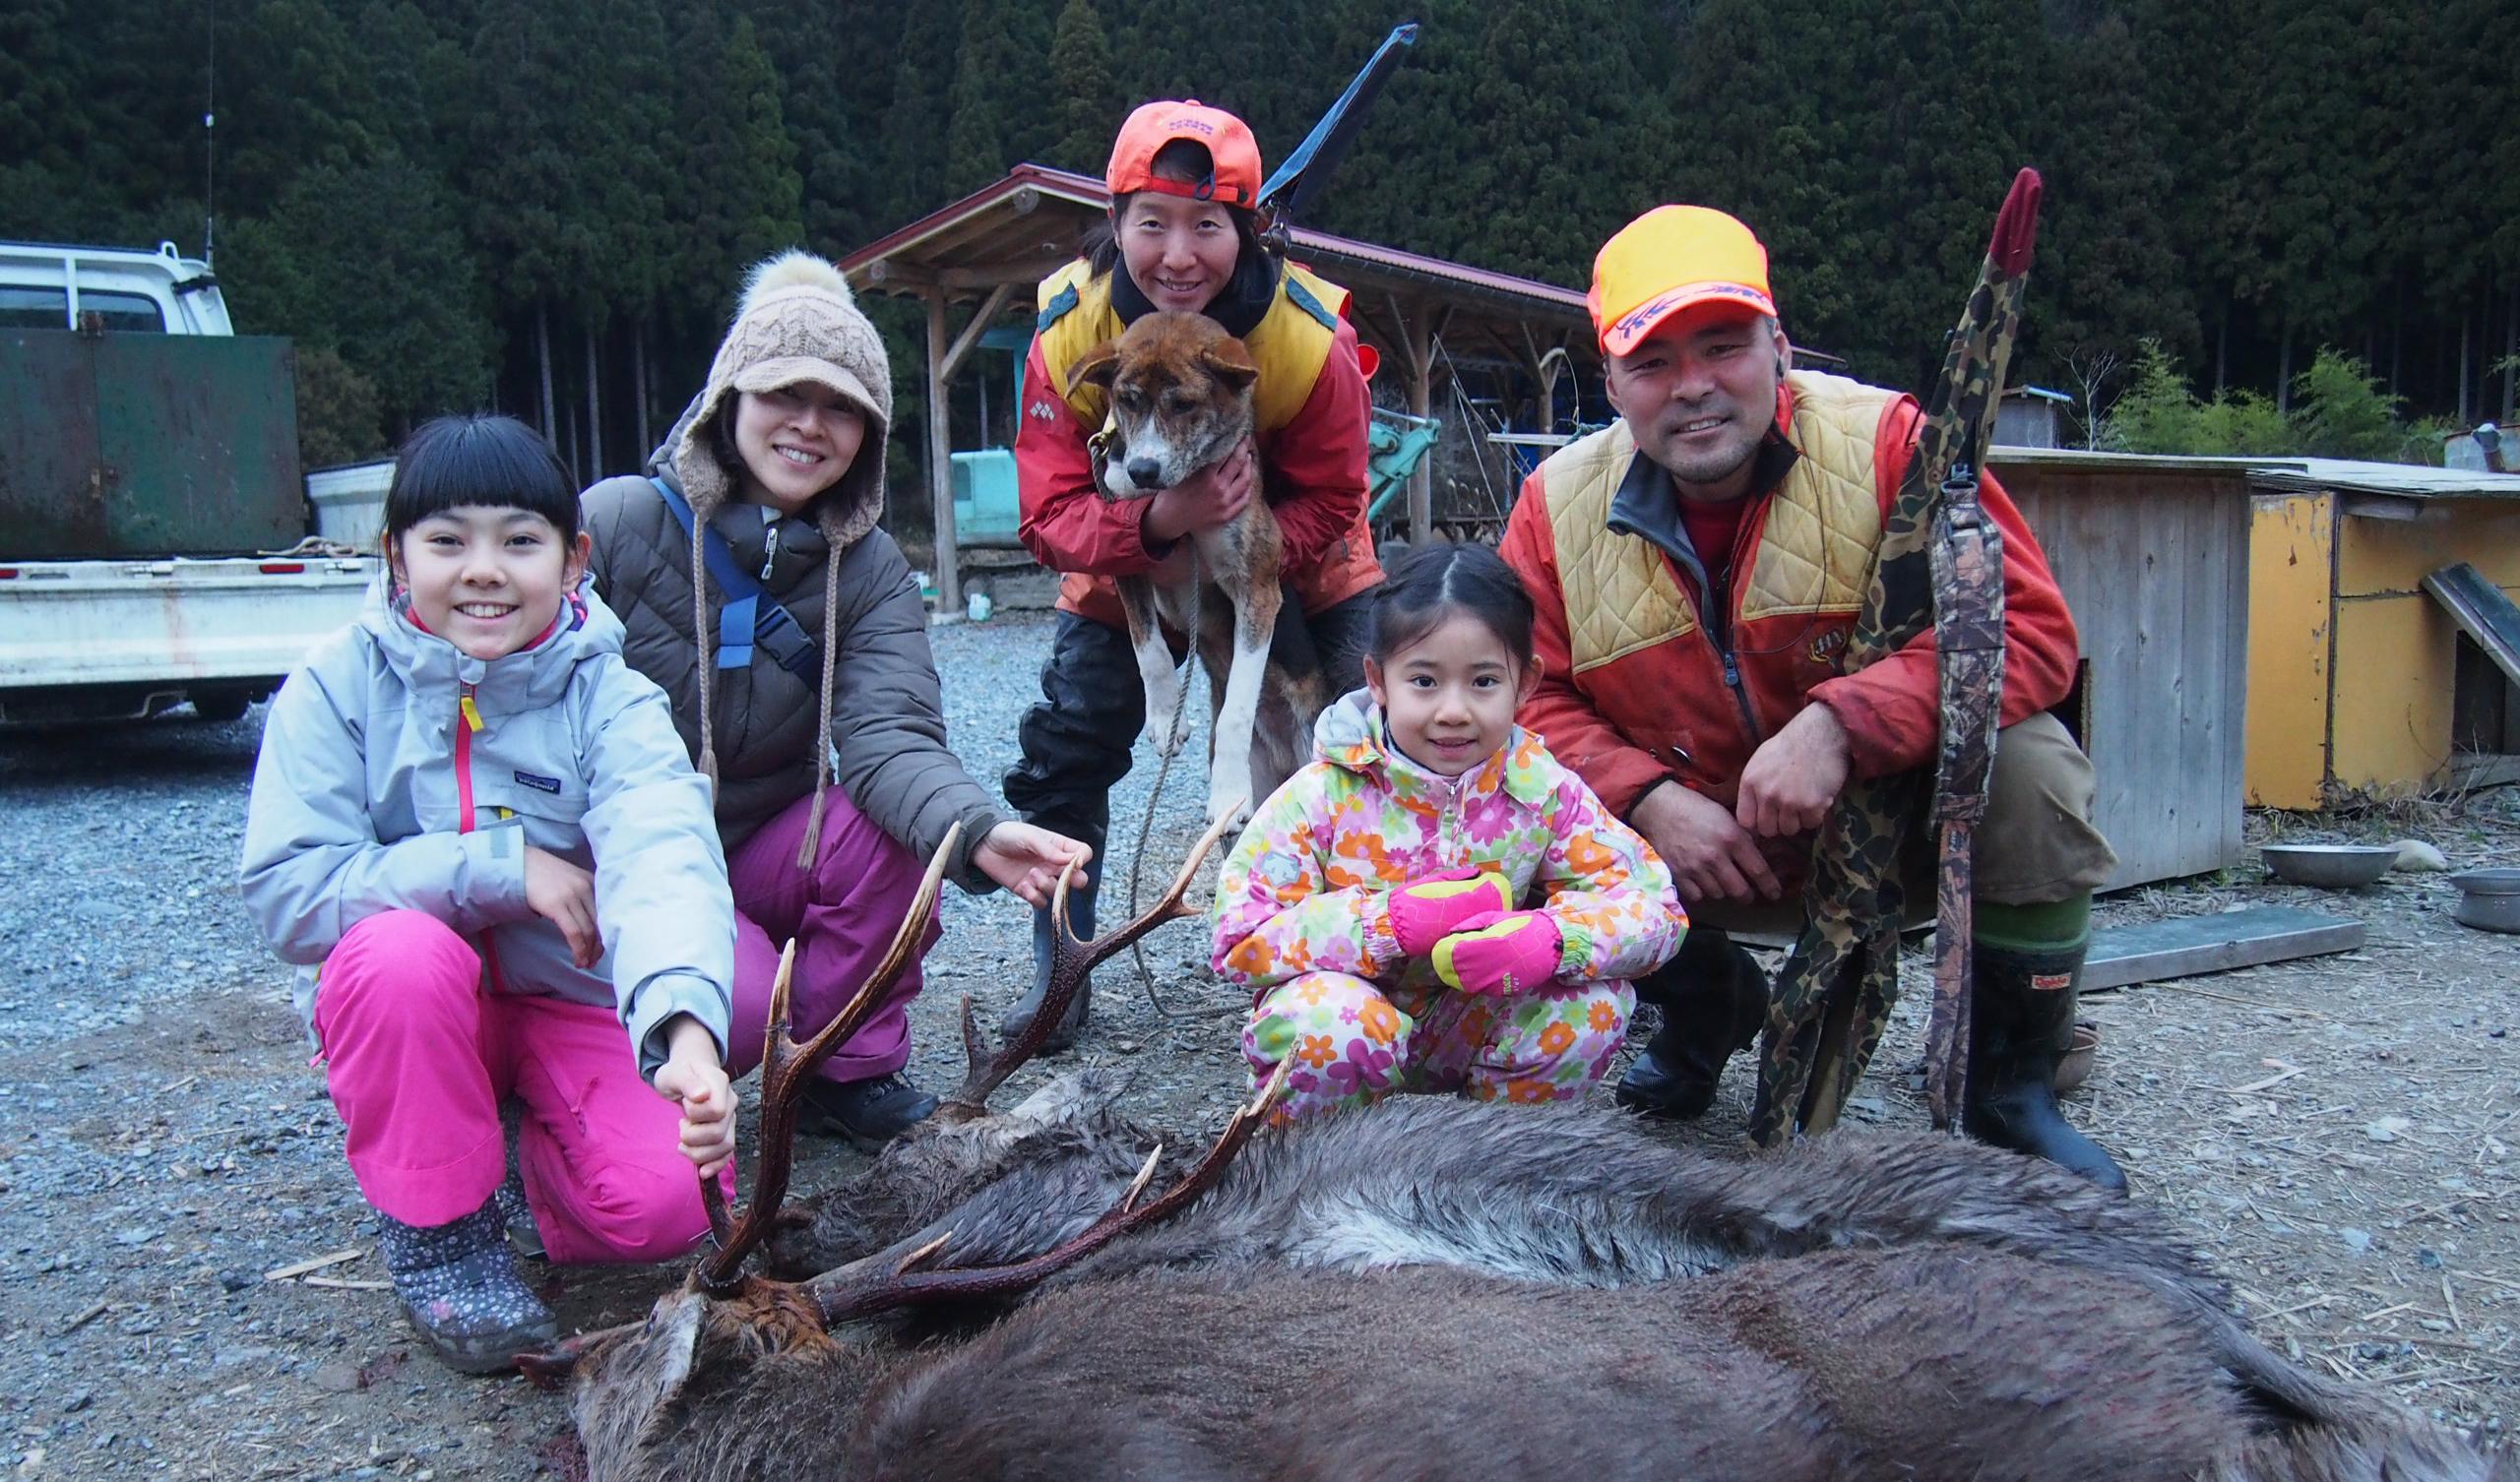 鹿の狩猟体験(巻狩り)